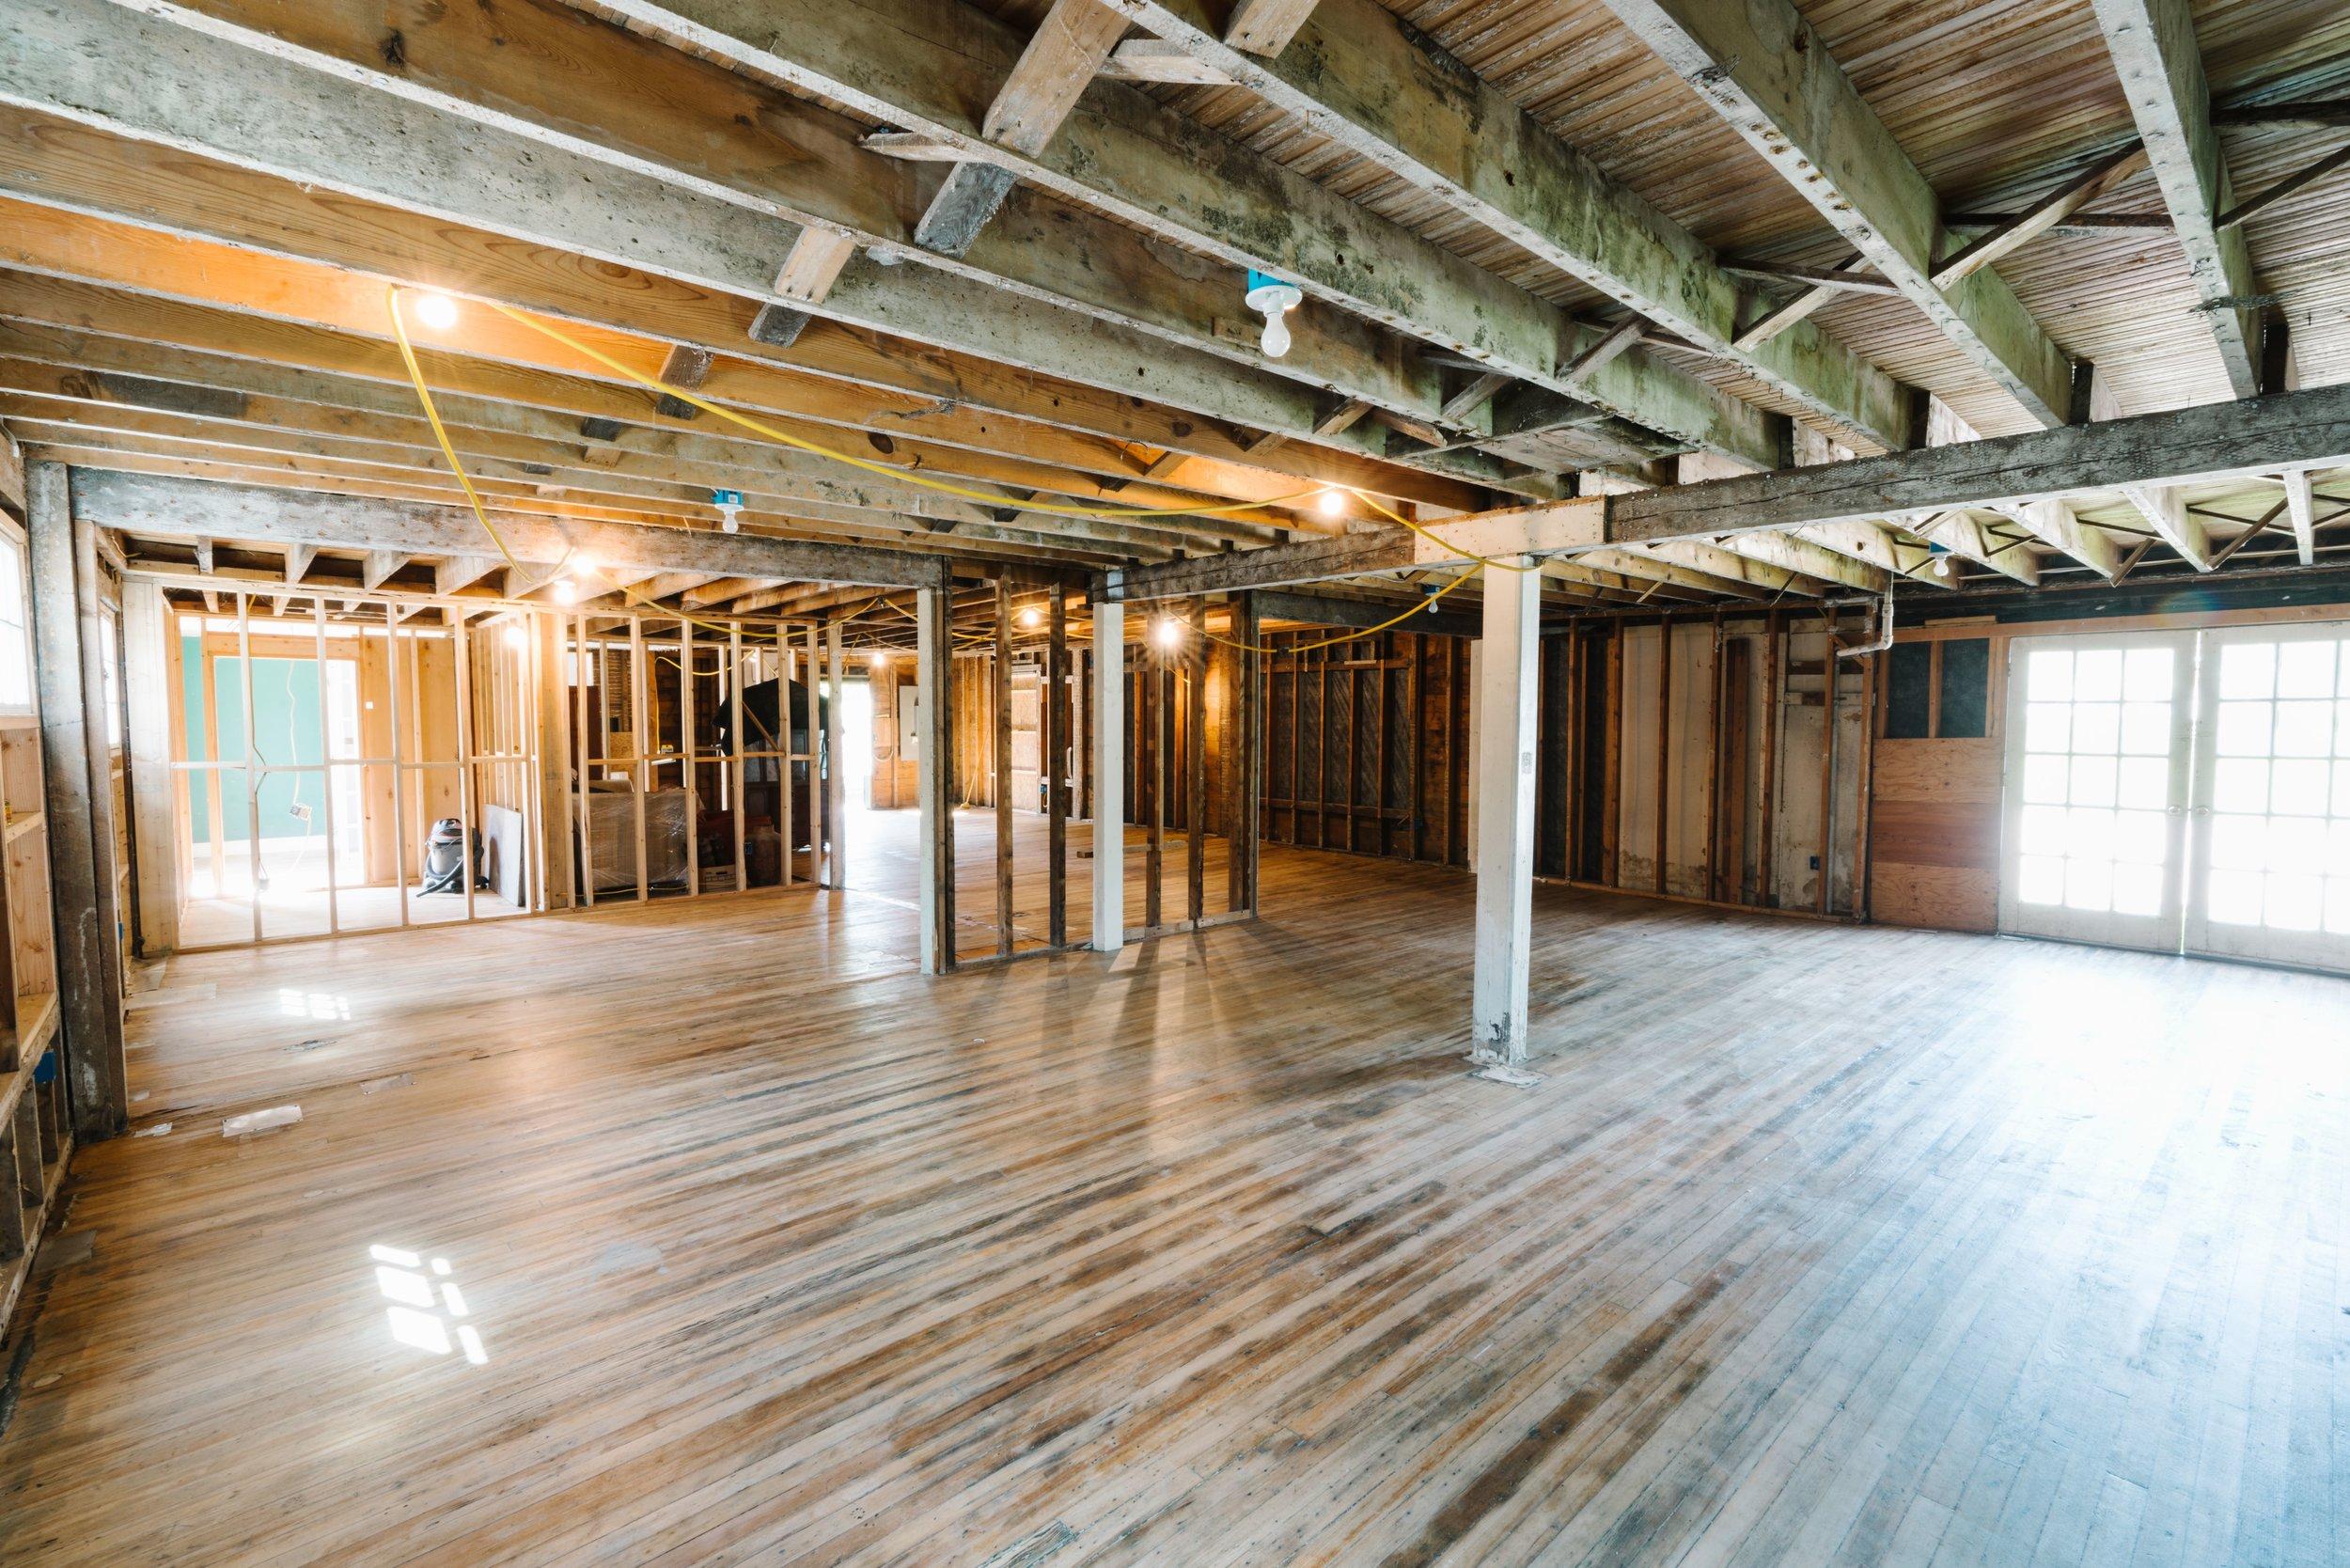 small Inside, 1st Floor 01.jpg